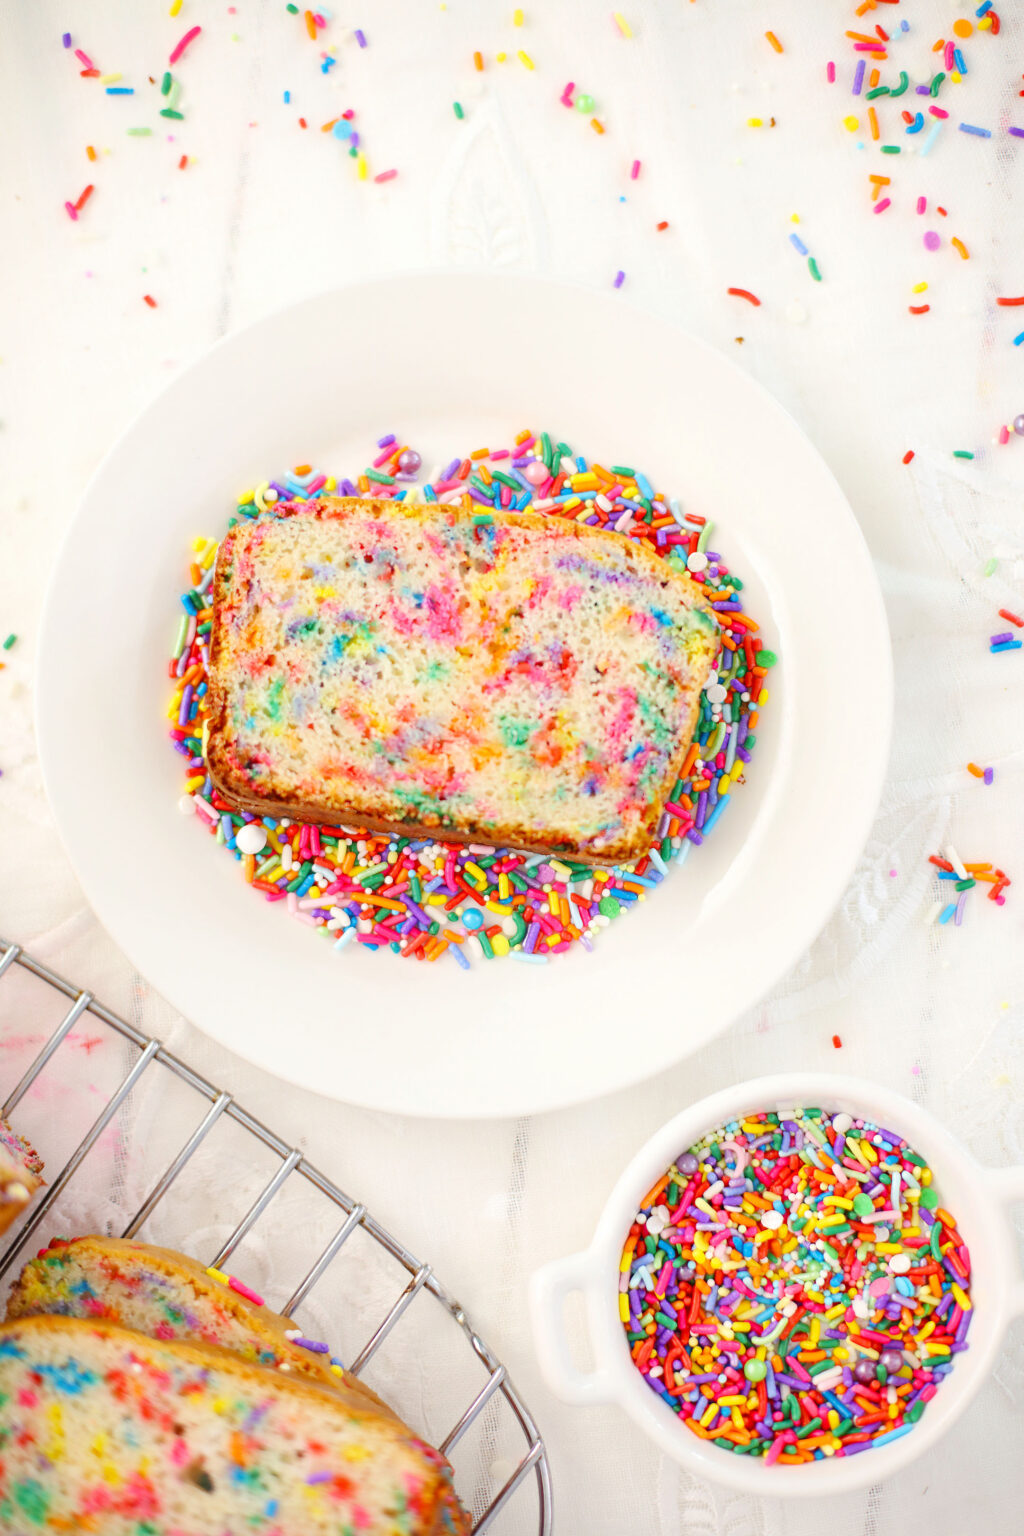 slice of funfetti ice cream bread on a white plate